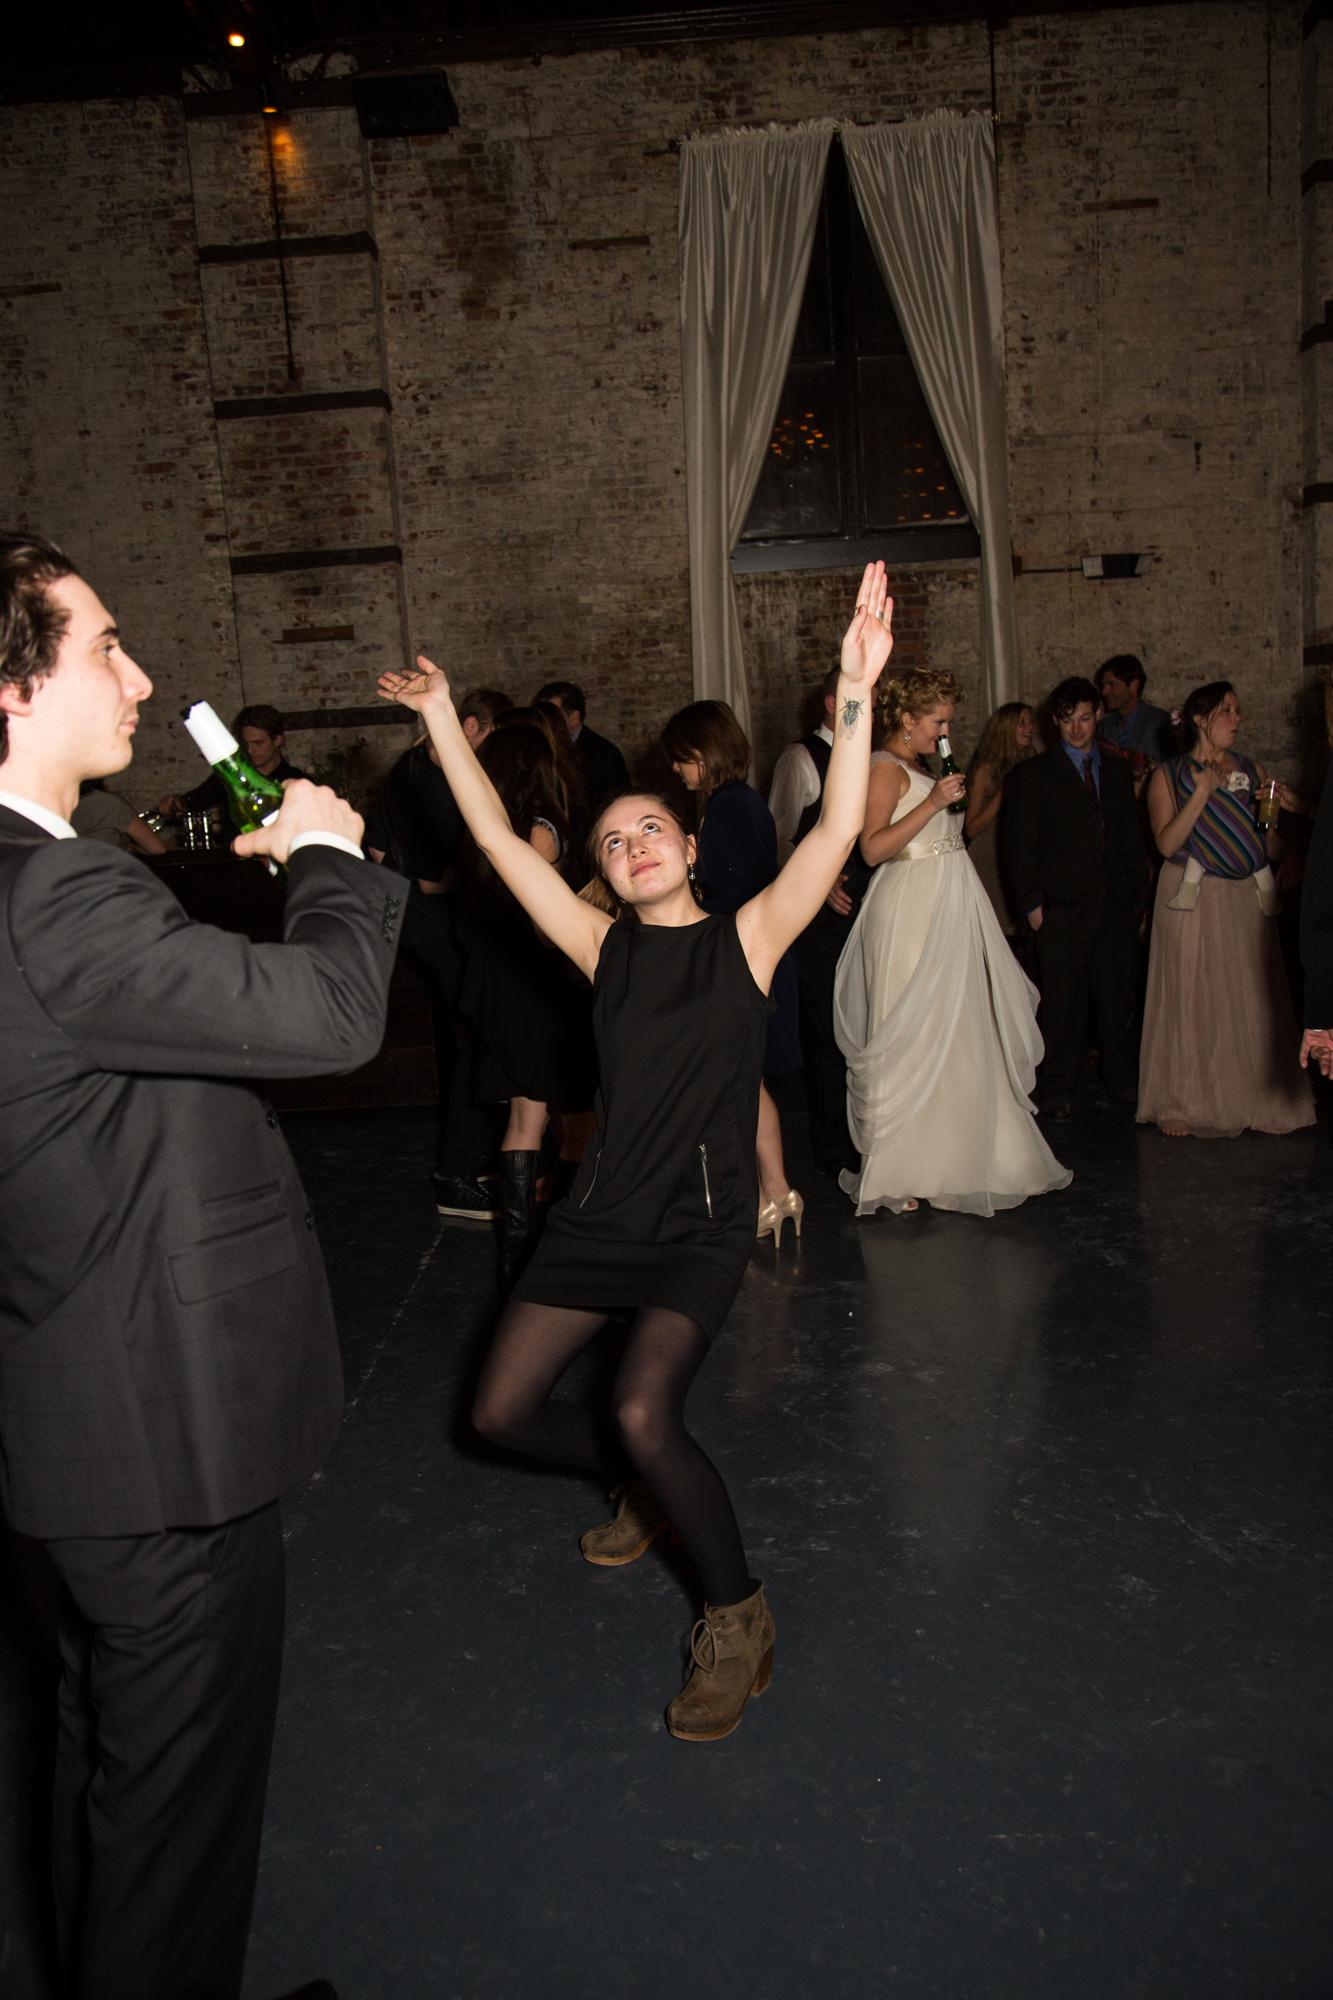 HeatherPhelpsLipton-Modern-WeddingPhotography-GreenBuilding-winter-prospectpark-42.jpg